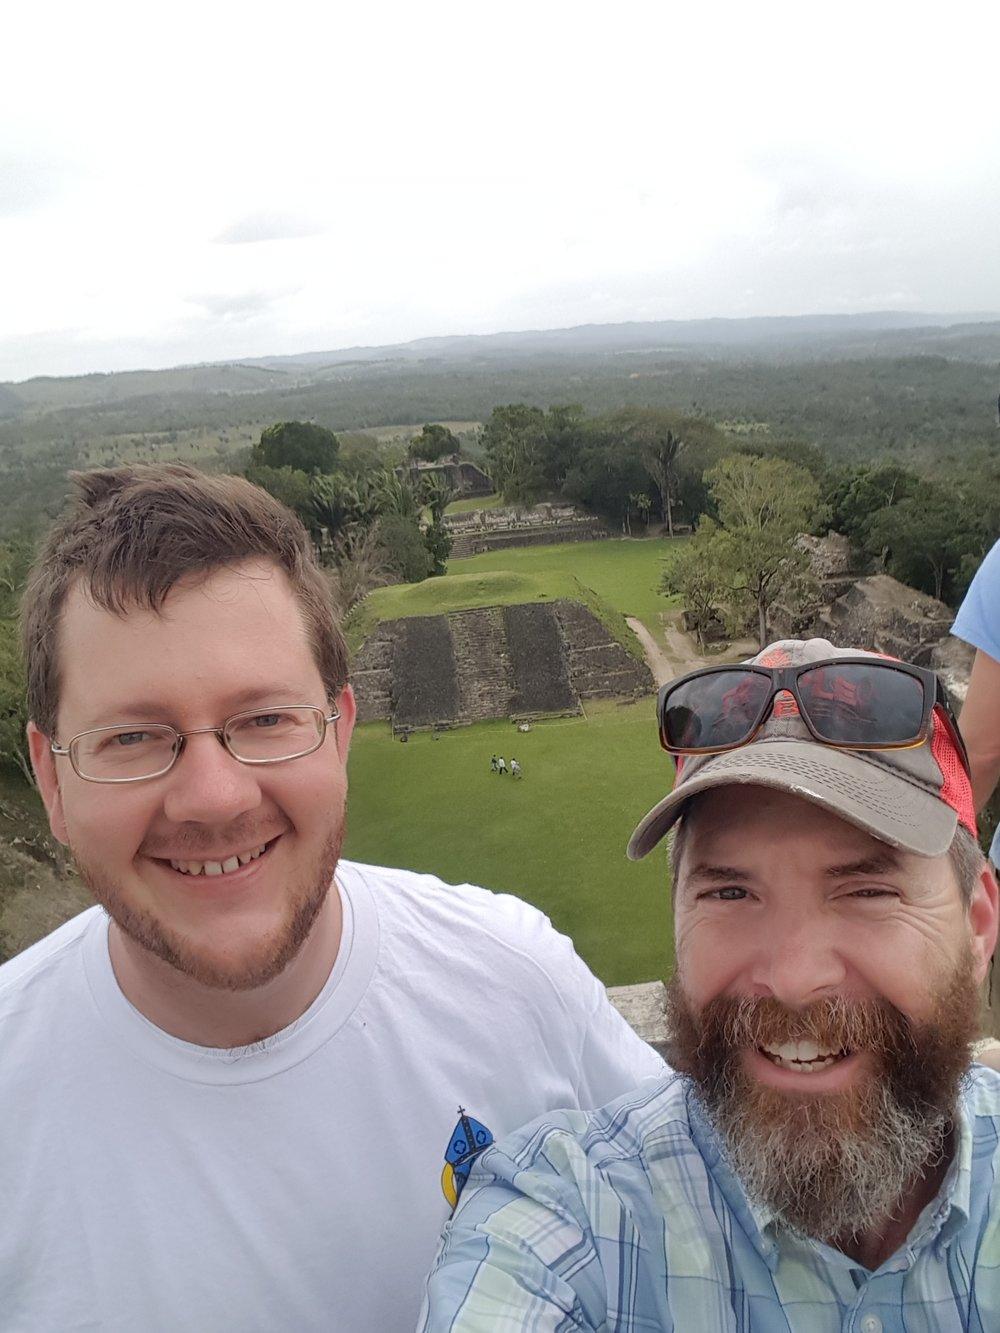 Ben and Fr. David